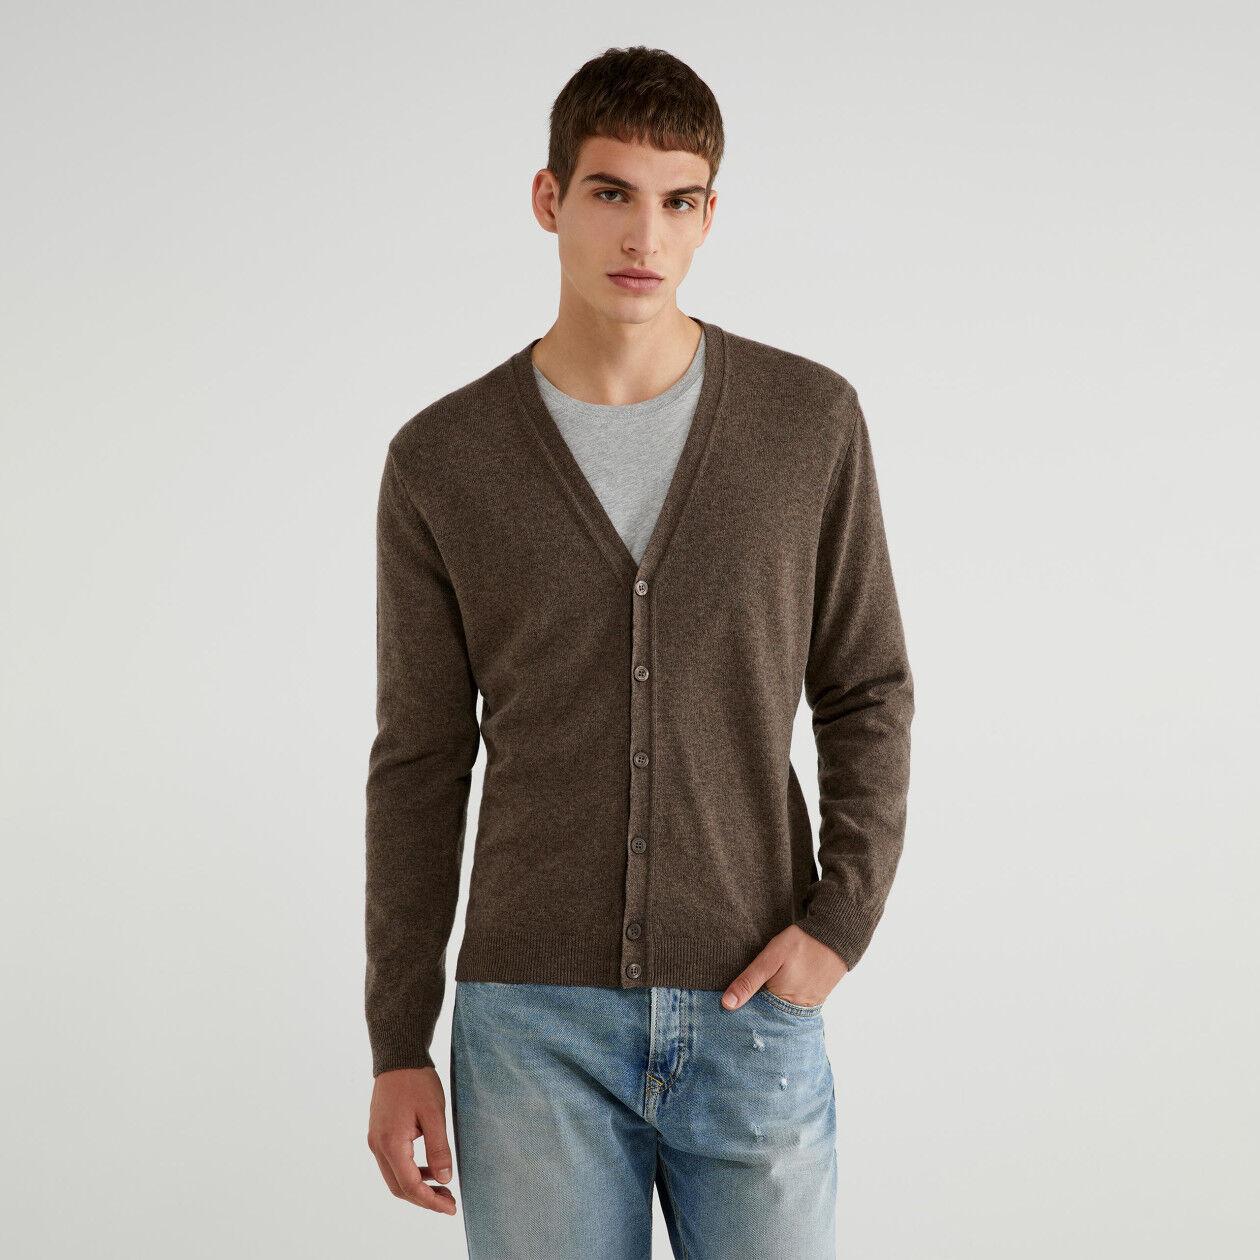 V-neck cardigan in 100% virgin wool